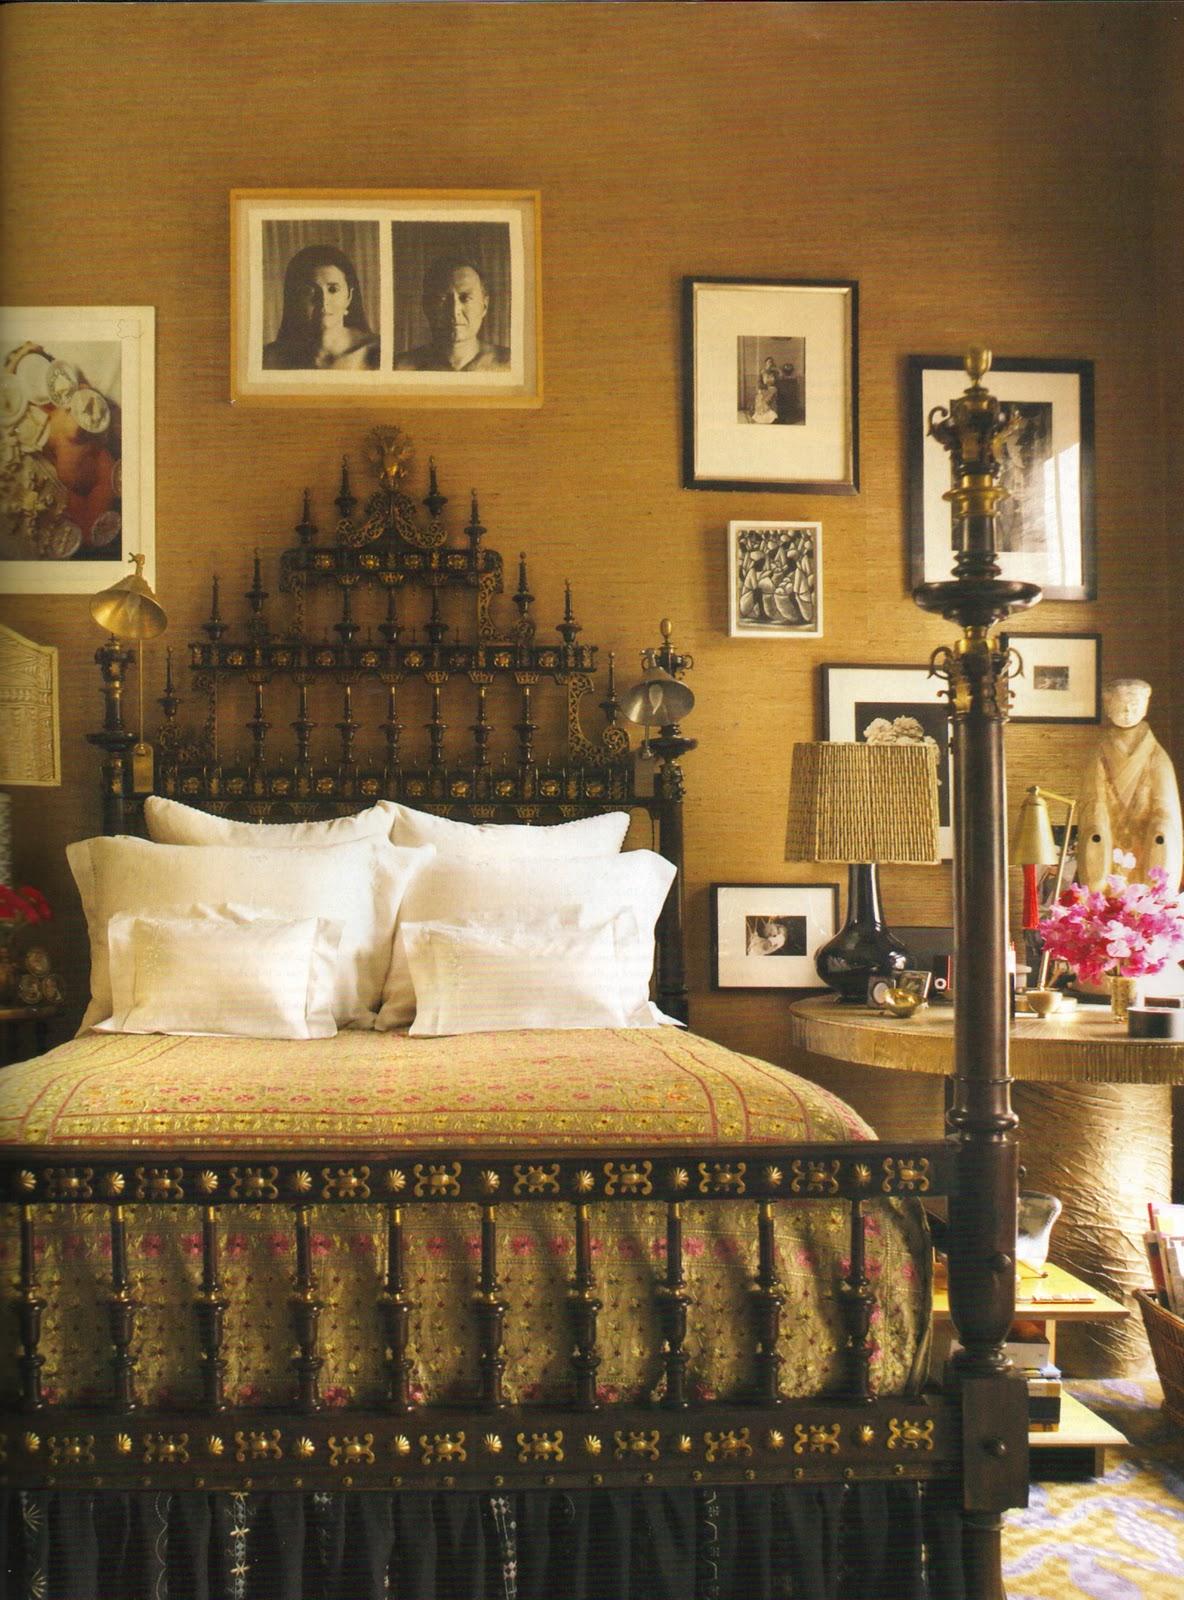 Us Interior Designs Jacques Grange: US Interior Designs: MURIEL BRANDOLINI